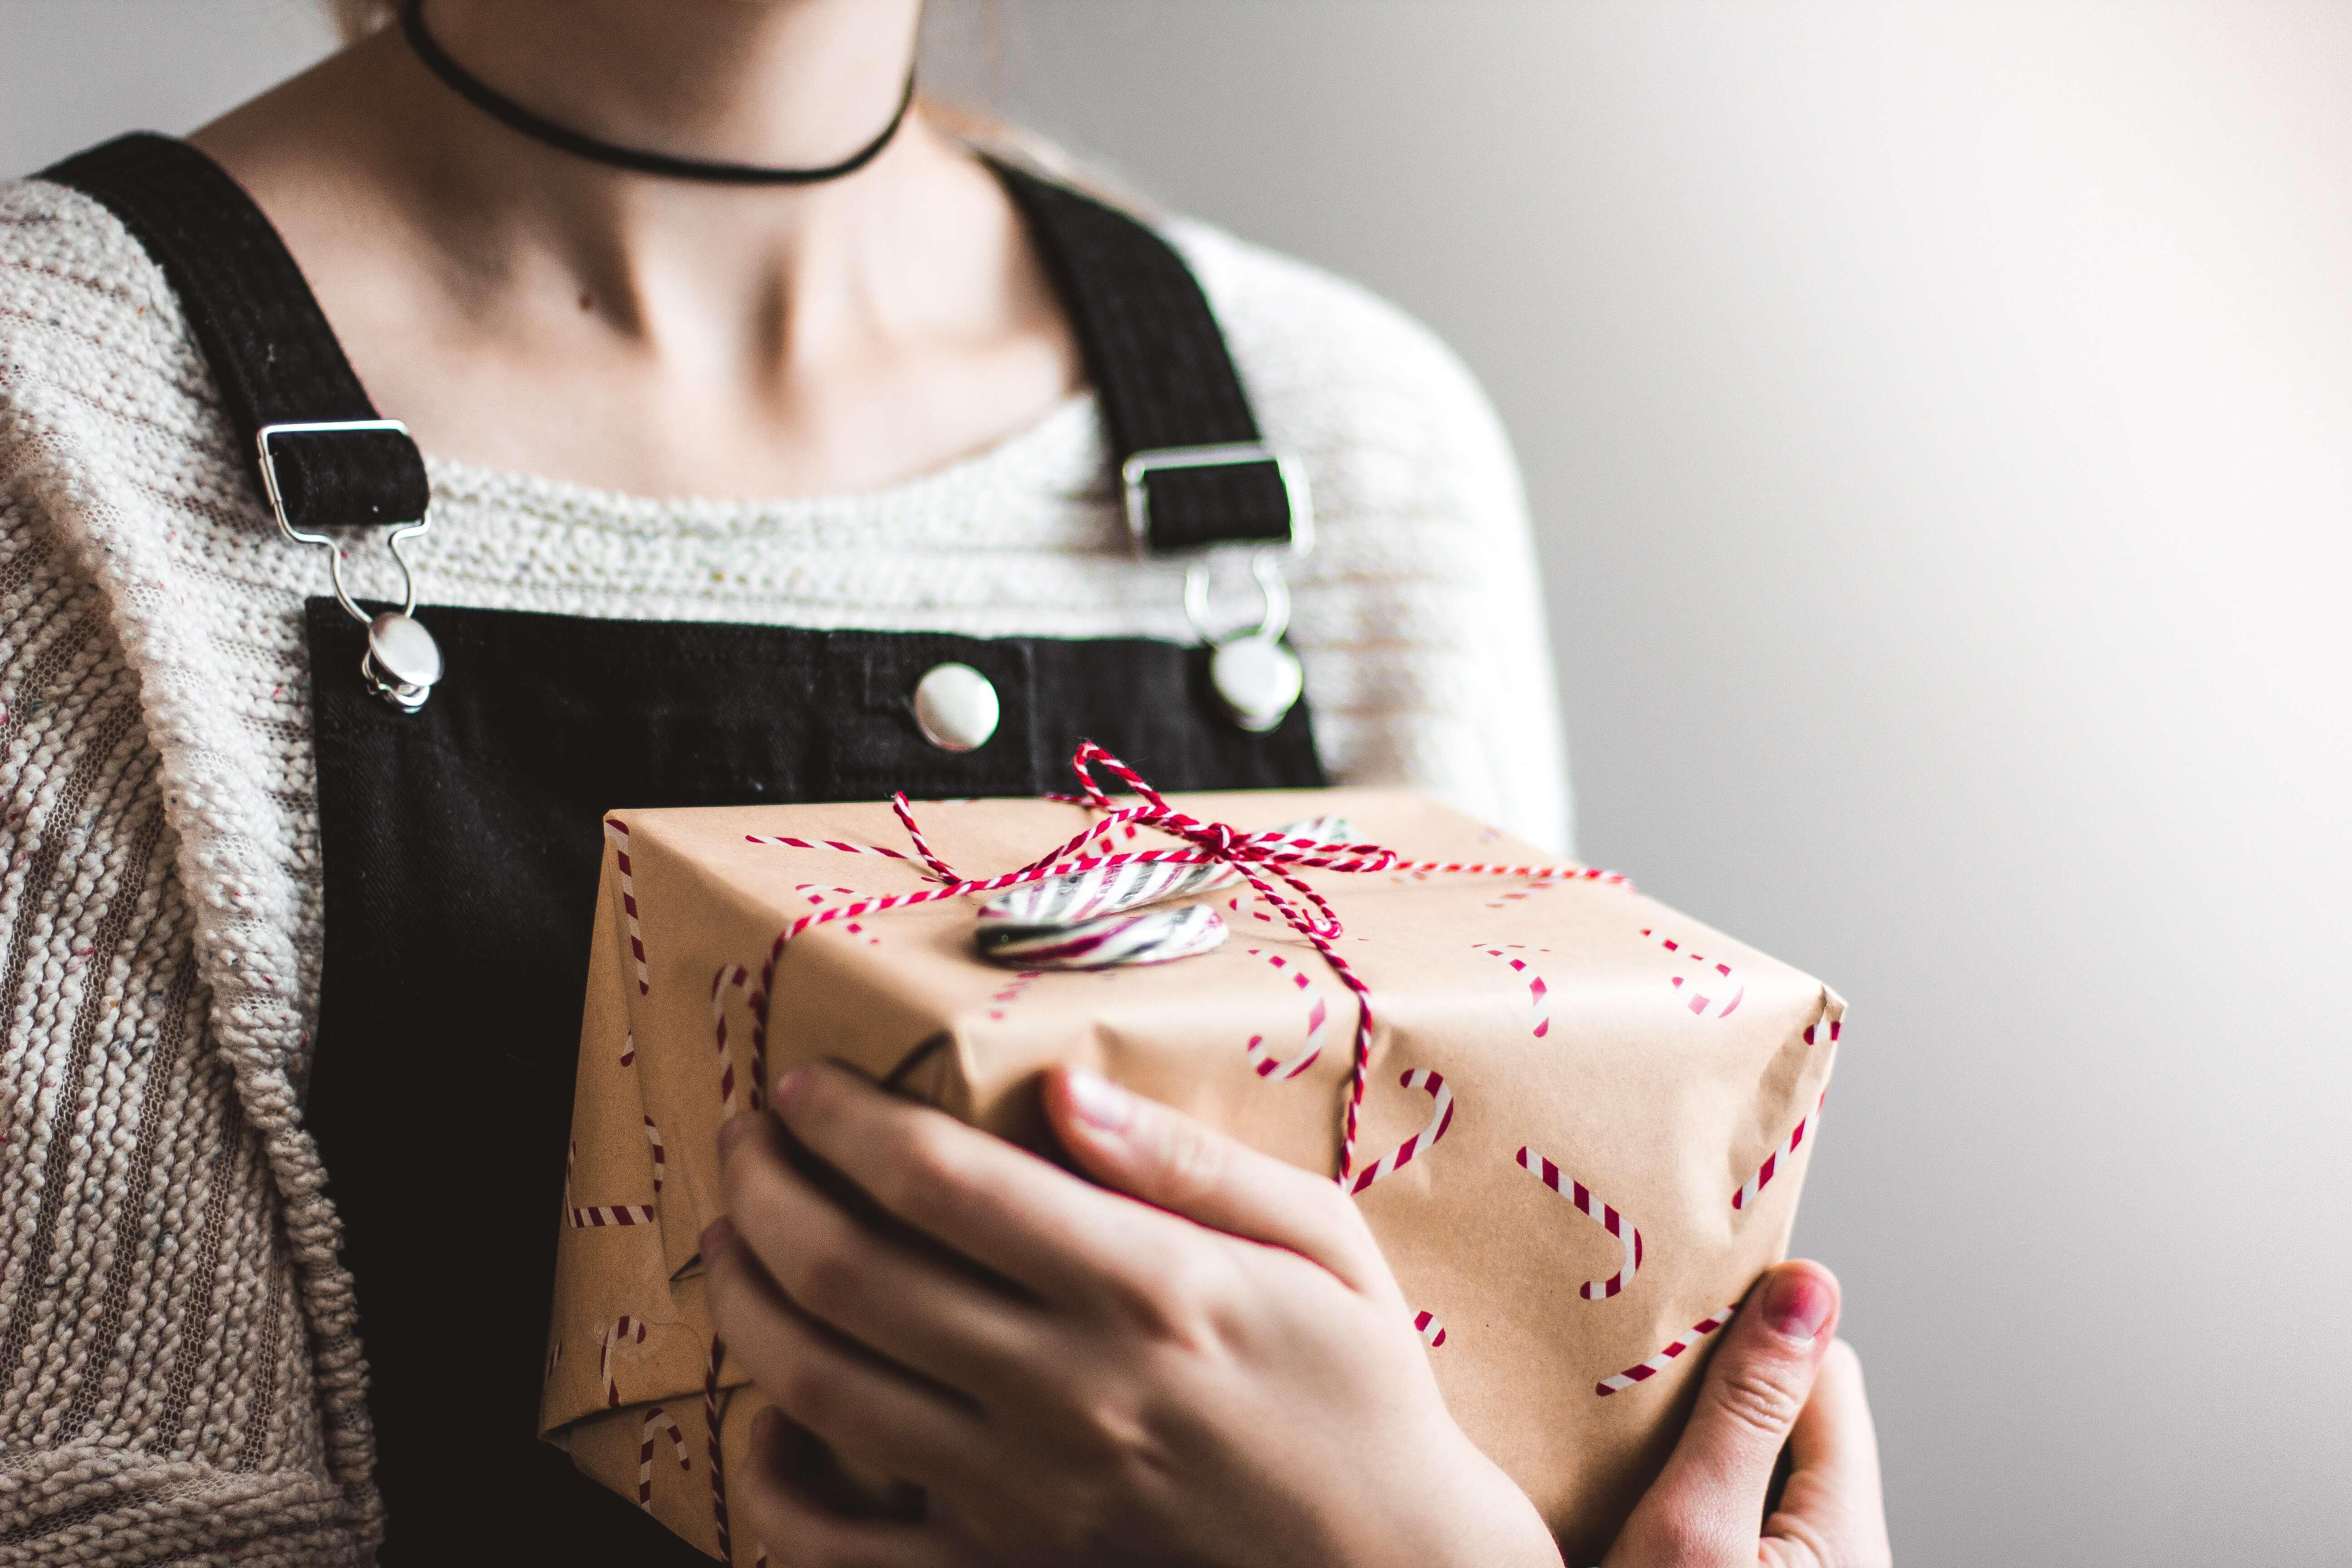 Ne znate što najdražima pokloniti za Božić? Evo neke stvari koje biste trebali izbjegavati